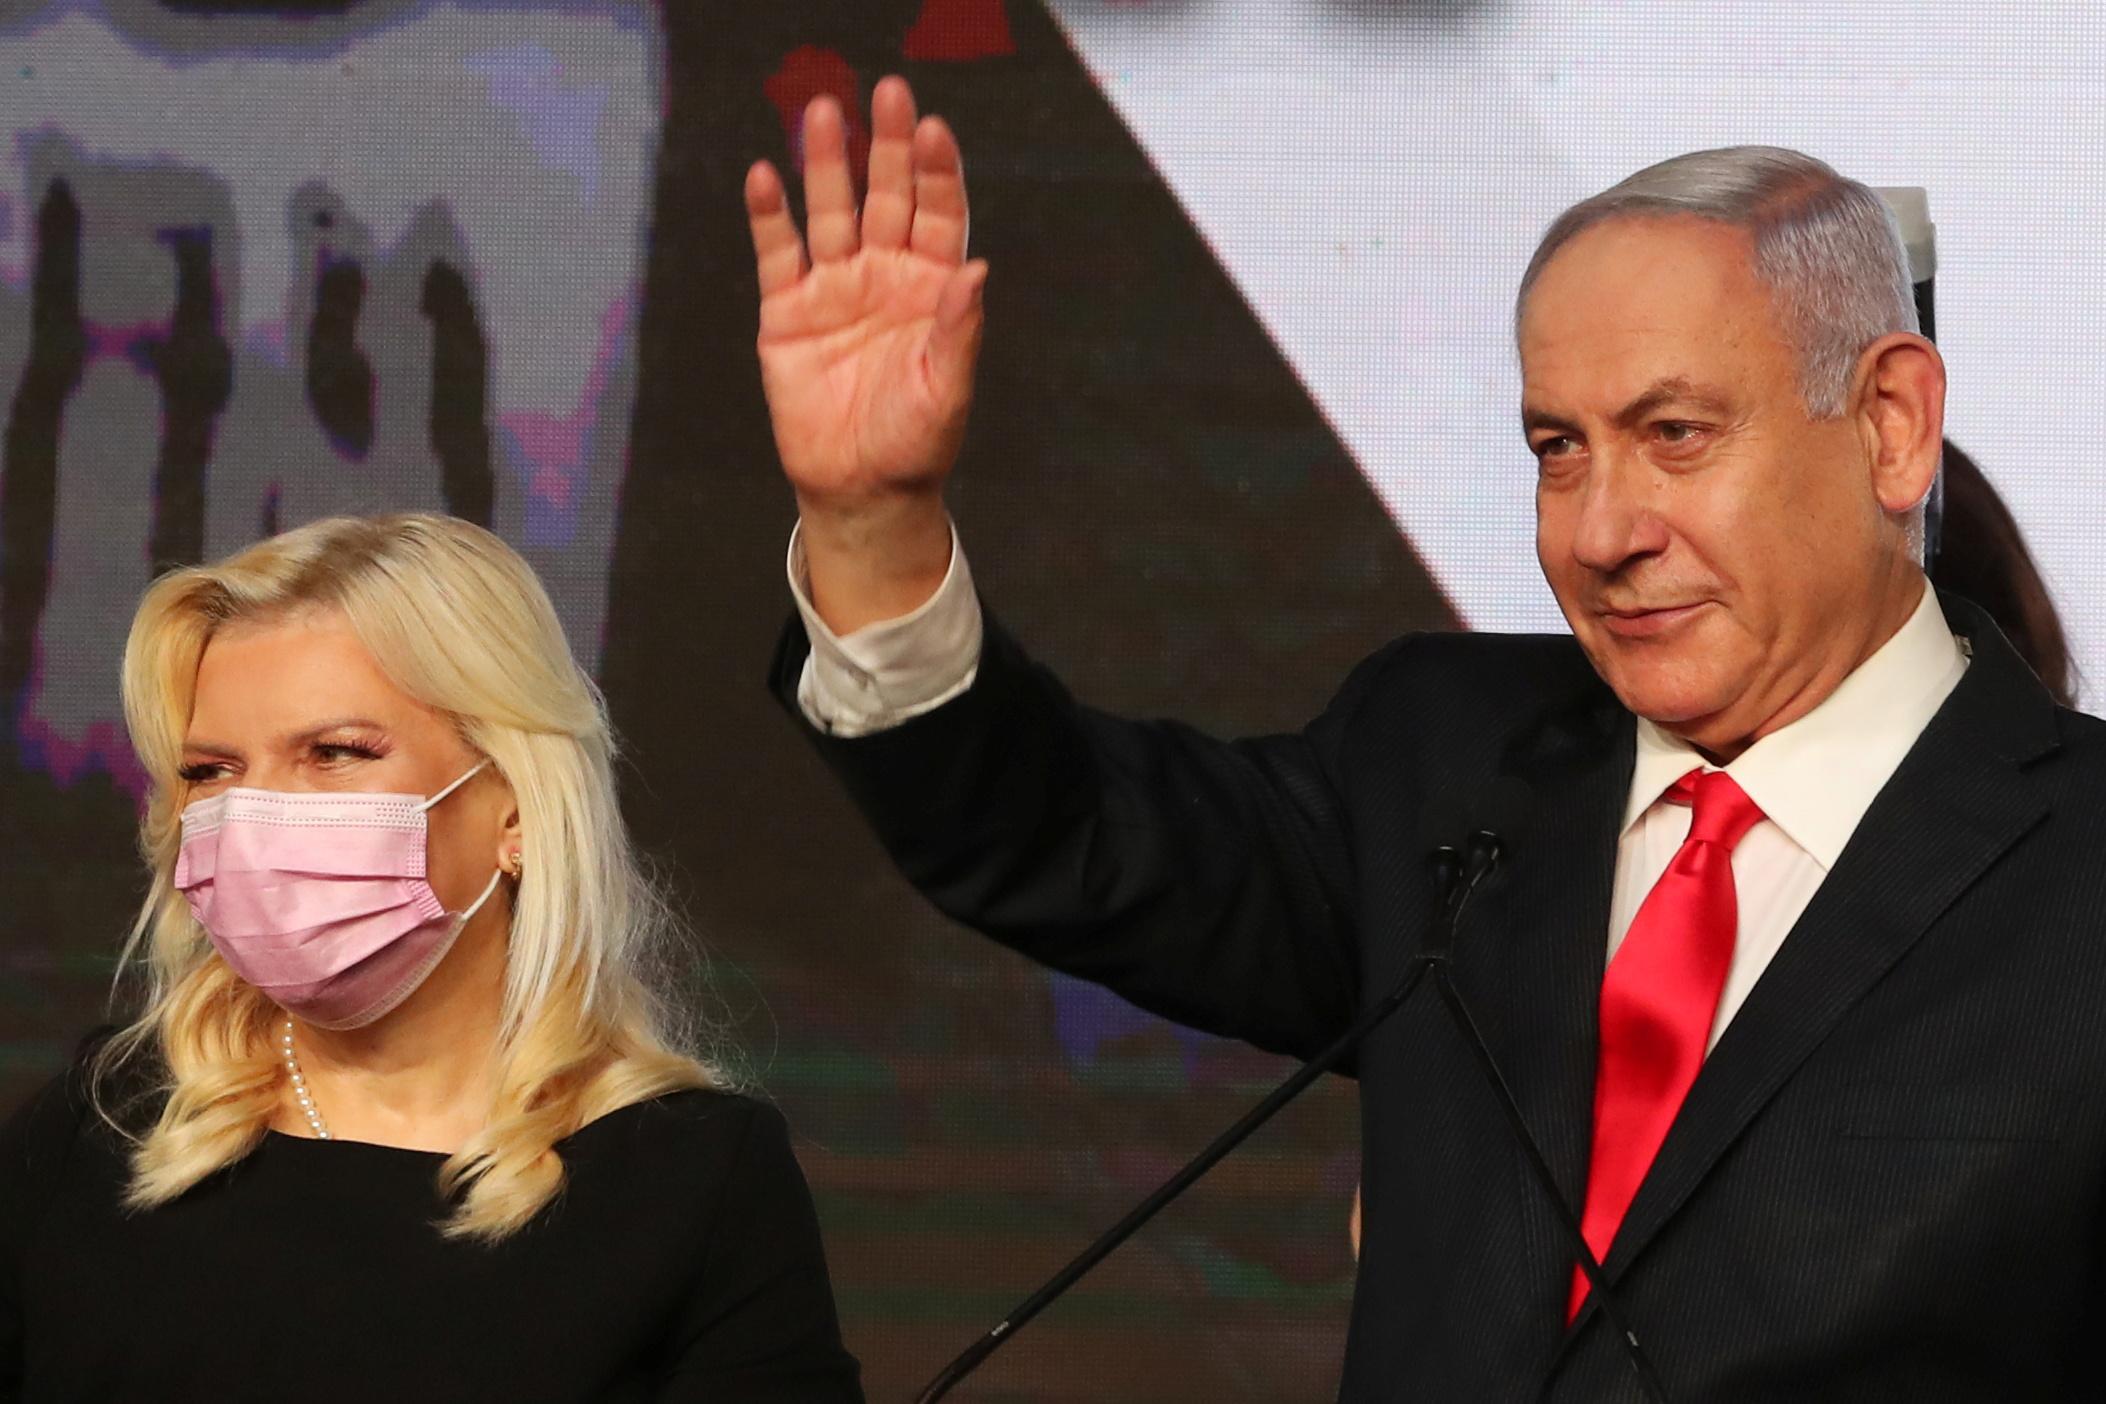 Εκλογές Ισραήλ: Τους εμβολίασε όλους και τις κέρδισε ο Νετανιάχου